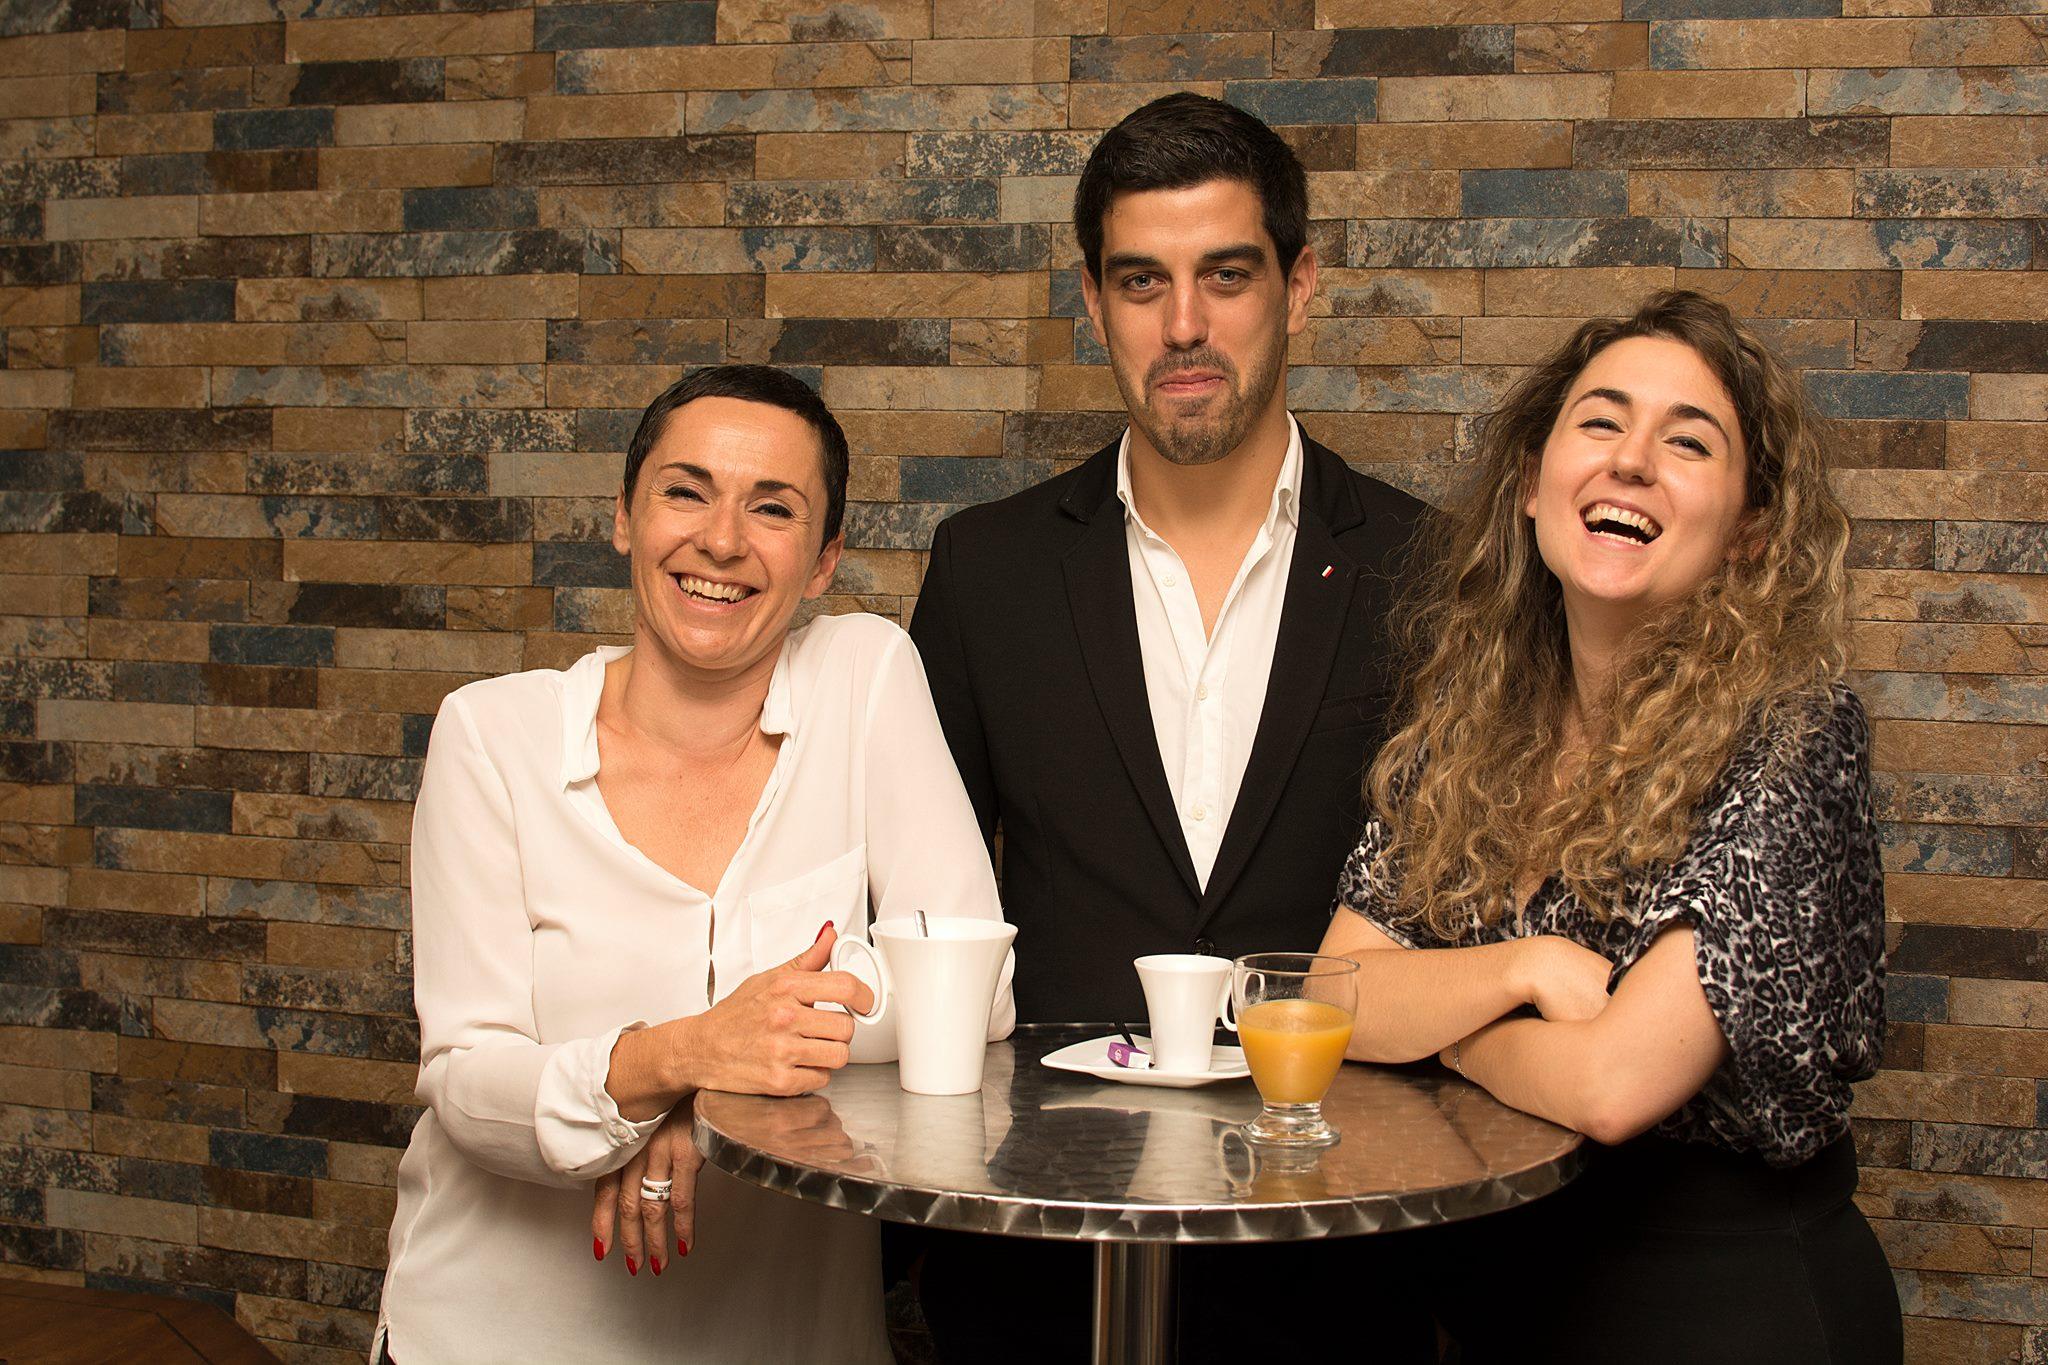 L'équipe de Let's Co_Up : Isabelle Roncin, Jérôme Thébault, Nolwenn Ragot